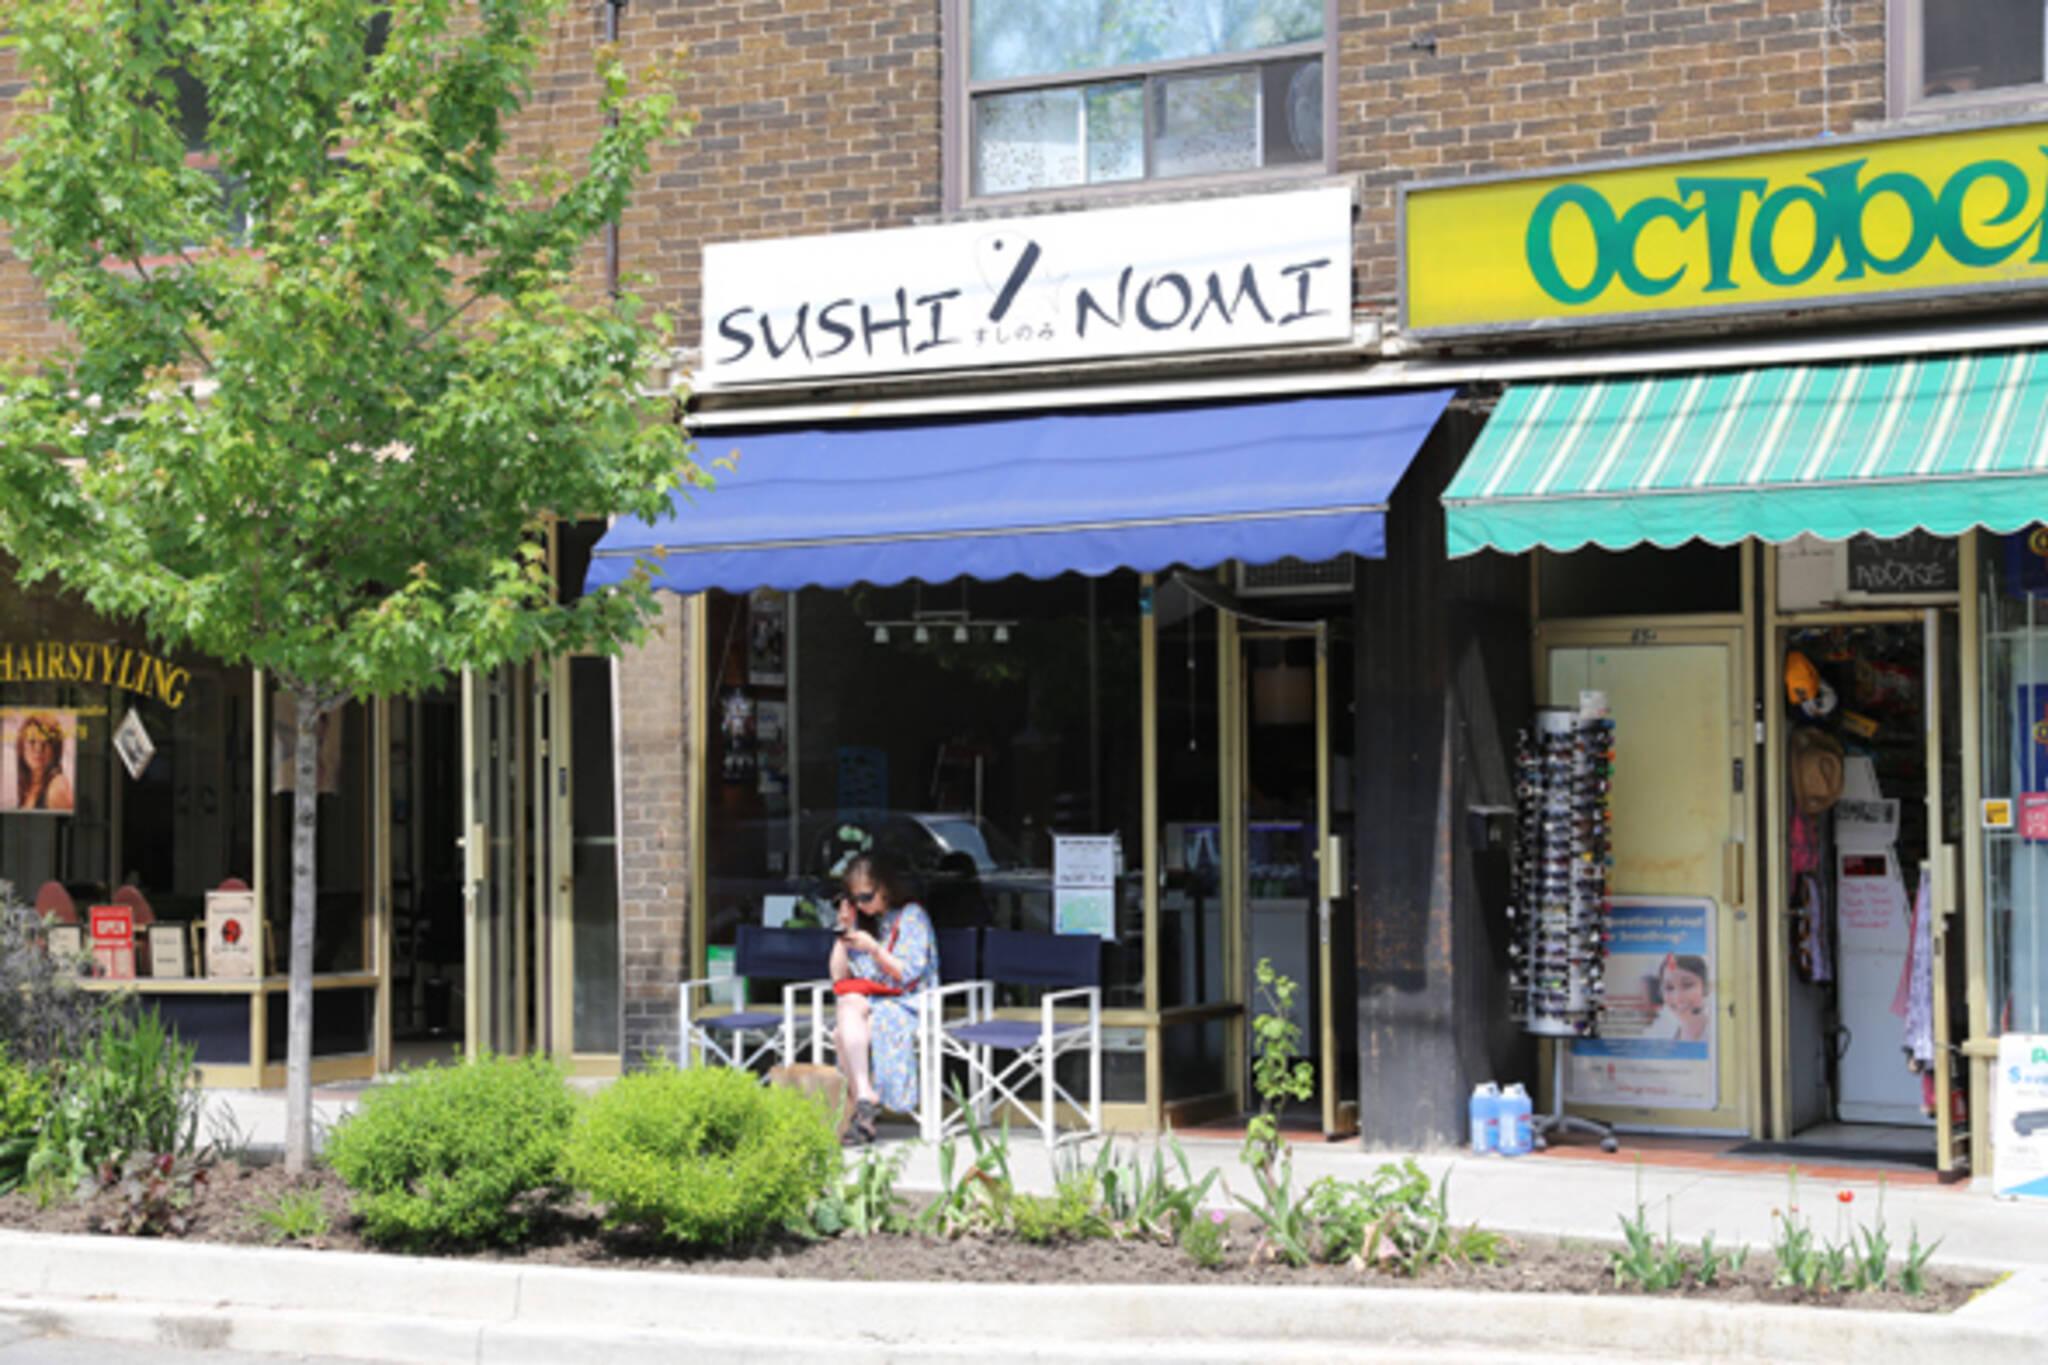 Sushi Nomi Toronto